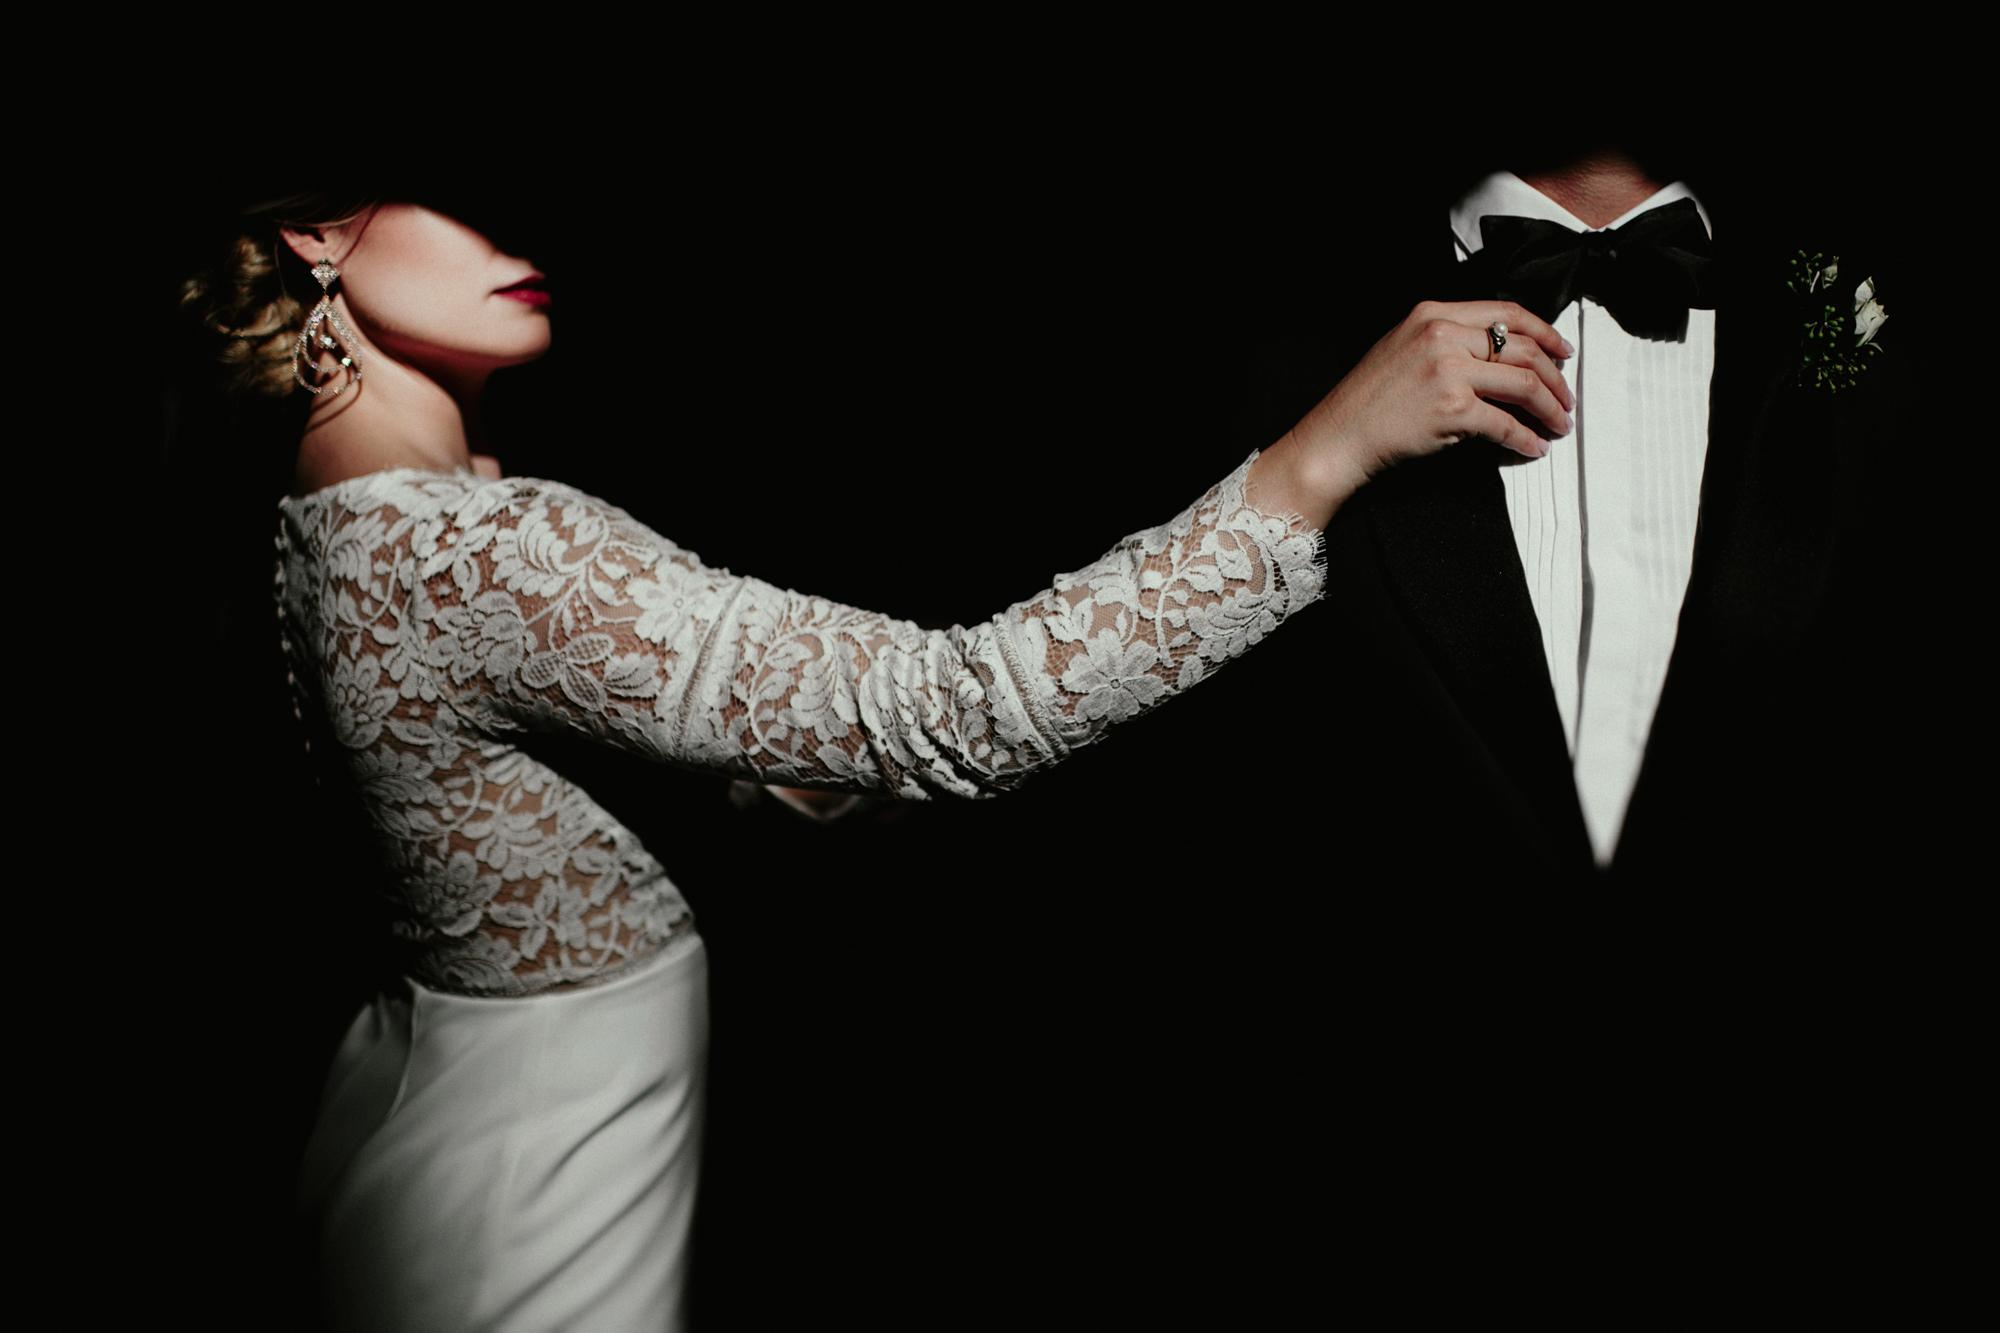 Photo of bride in long sleeve gown adjusting grooms tie by Fer Juaristi